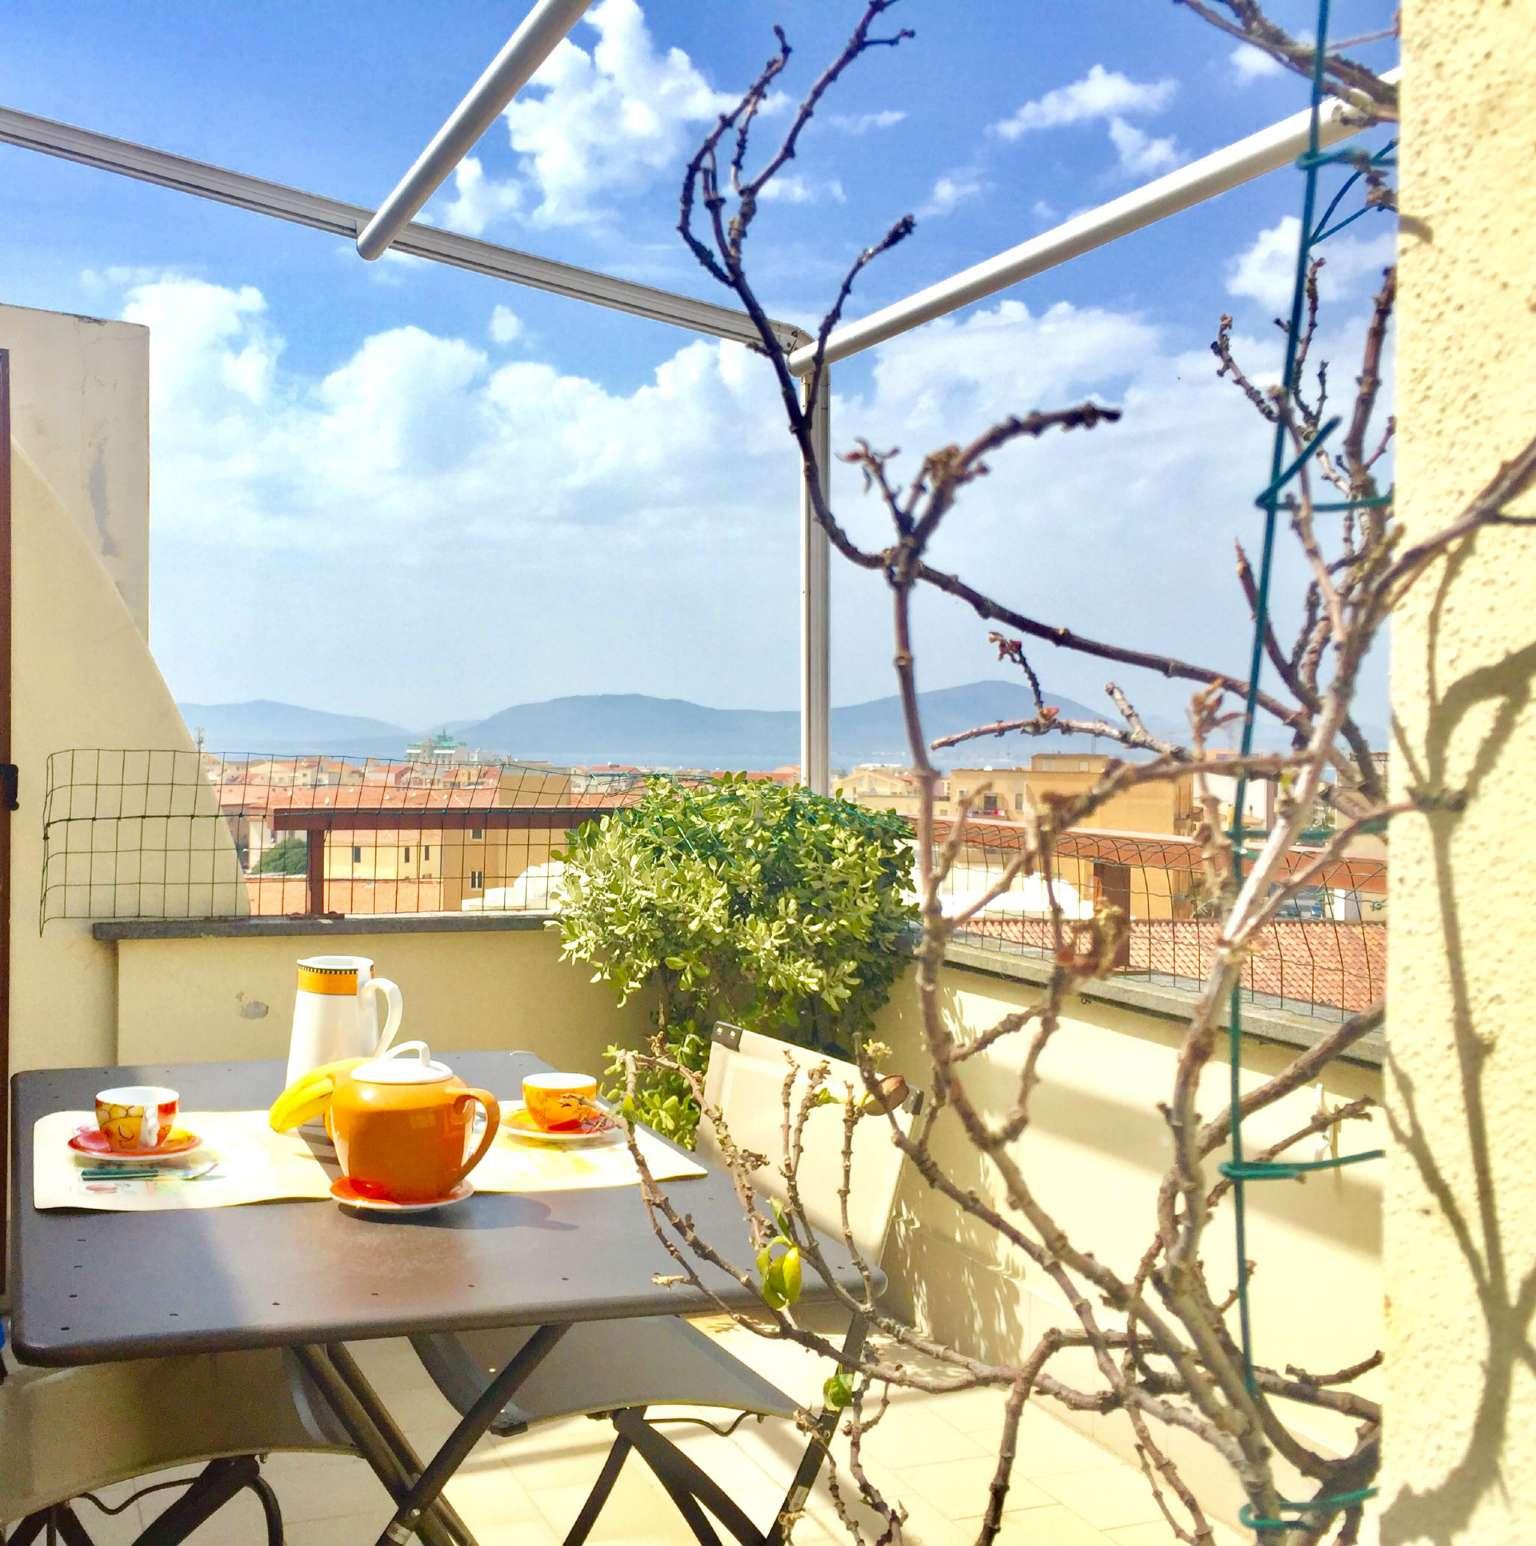 Attico / Mansarda in vendita a Alghero, 4 locali, prezzo € 250.000 | Cambio Casa.it